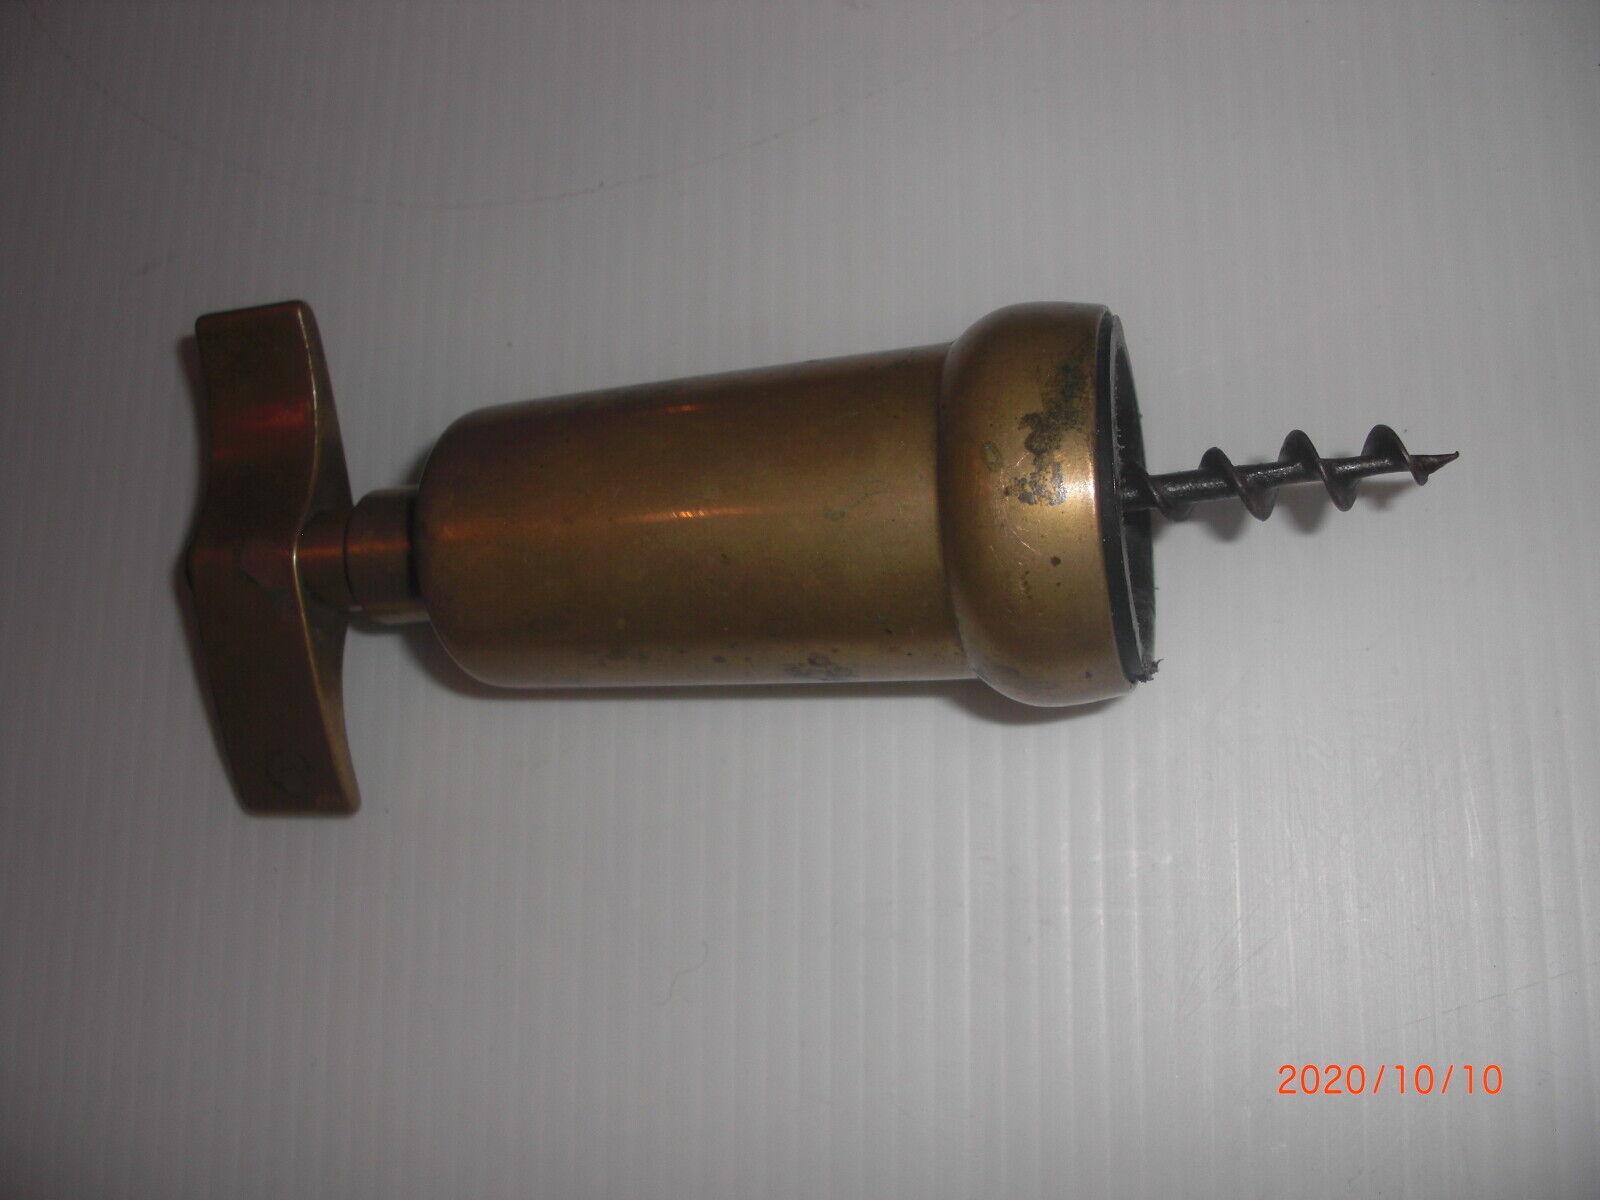 Ancien tire-bouchon en bronze ou laiton